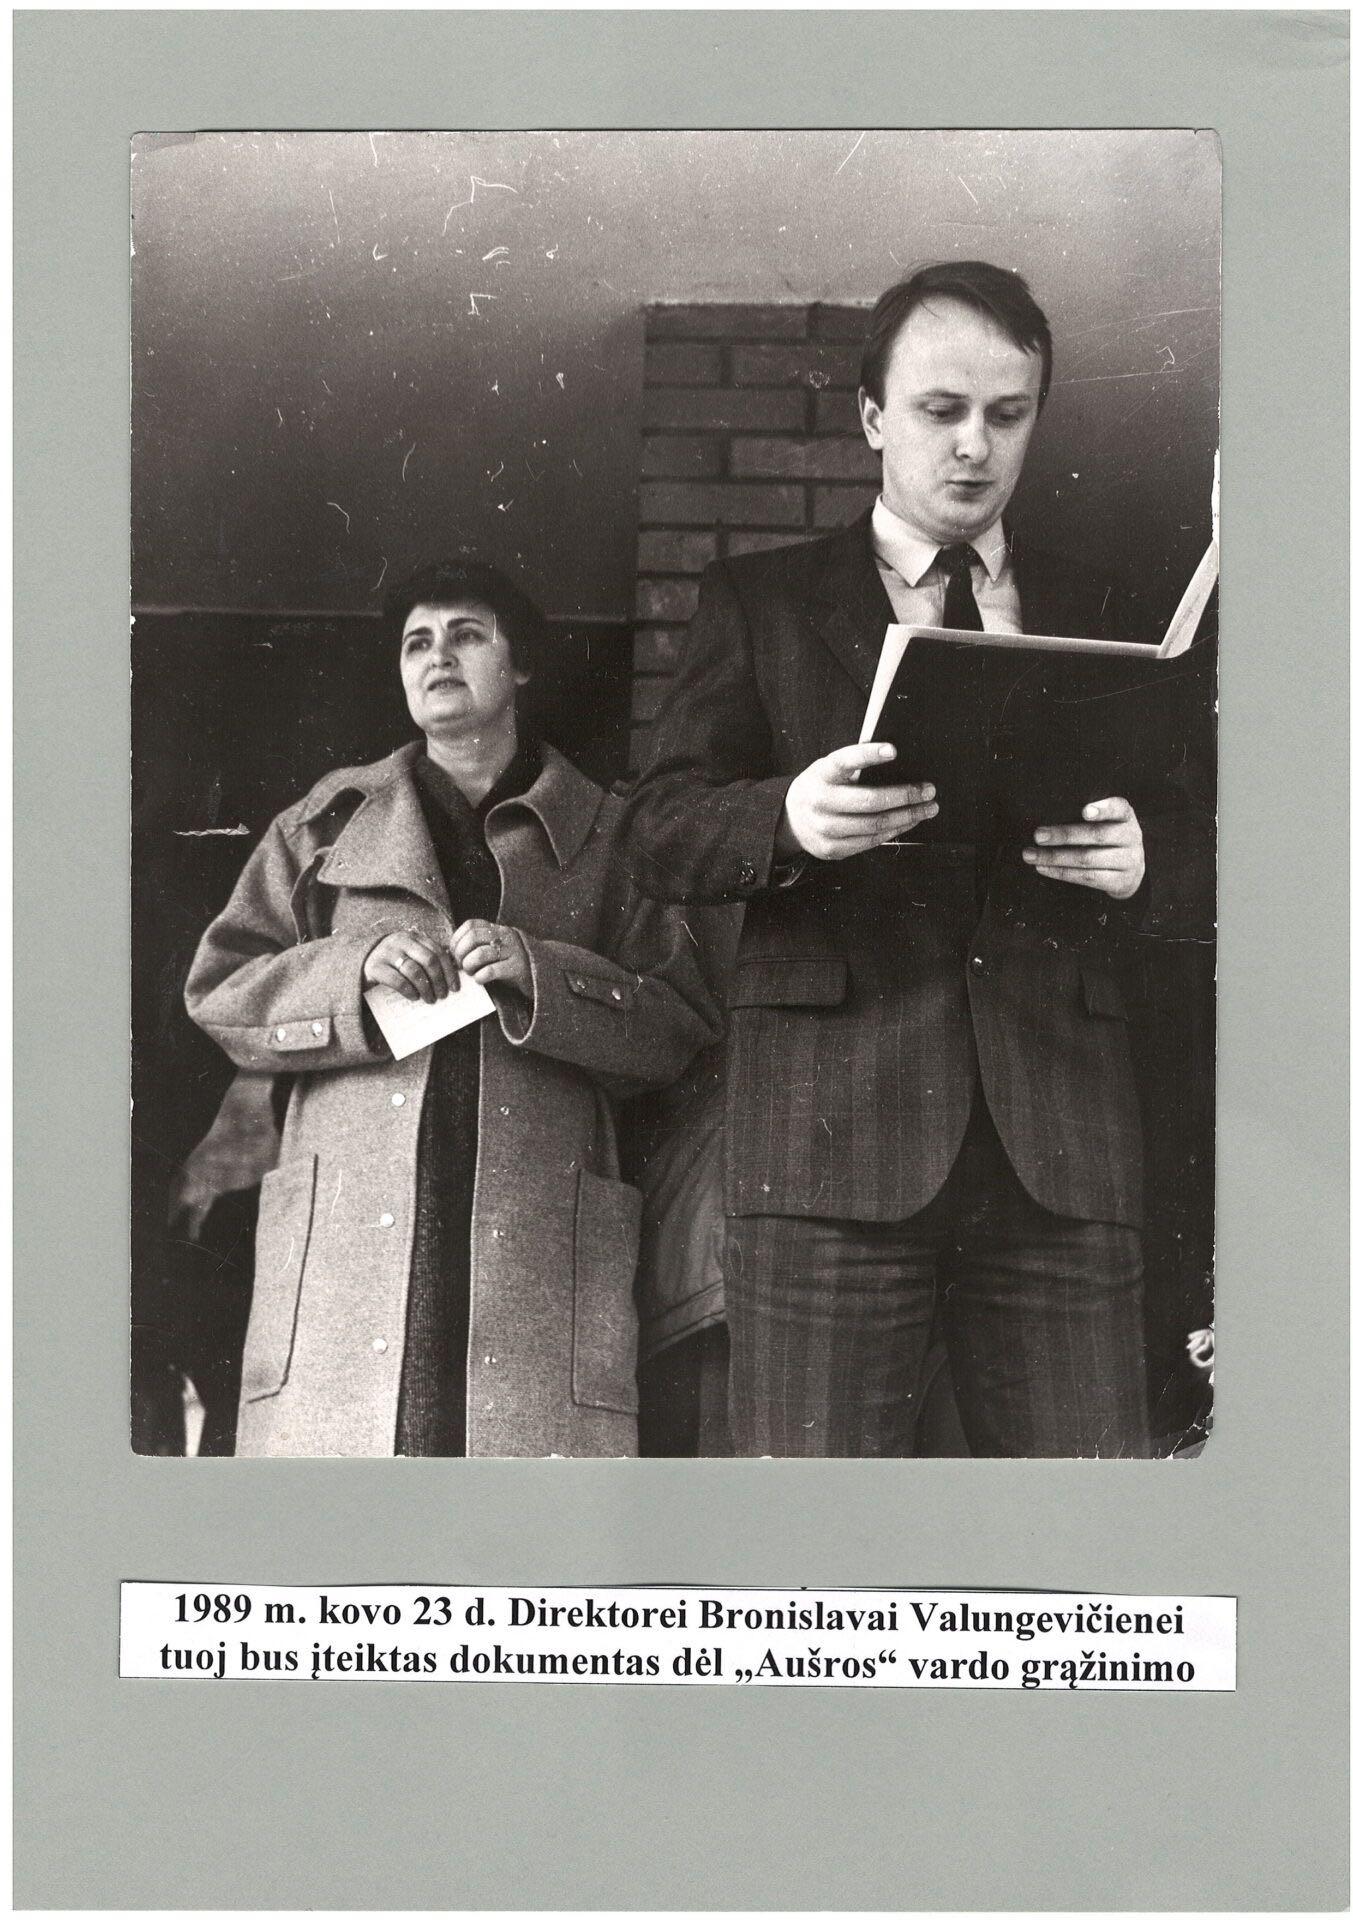 1989 m. Kovo 23 d.